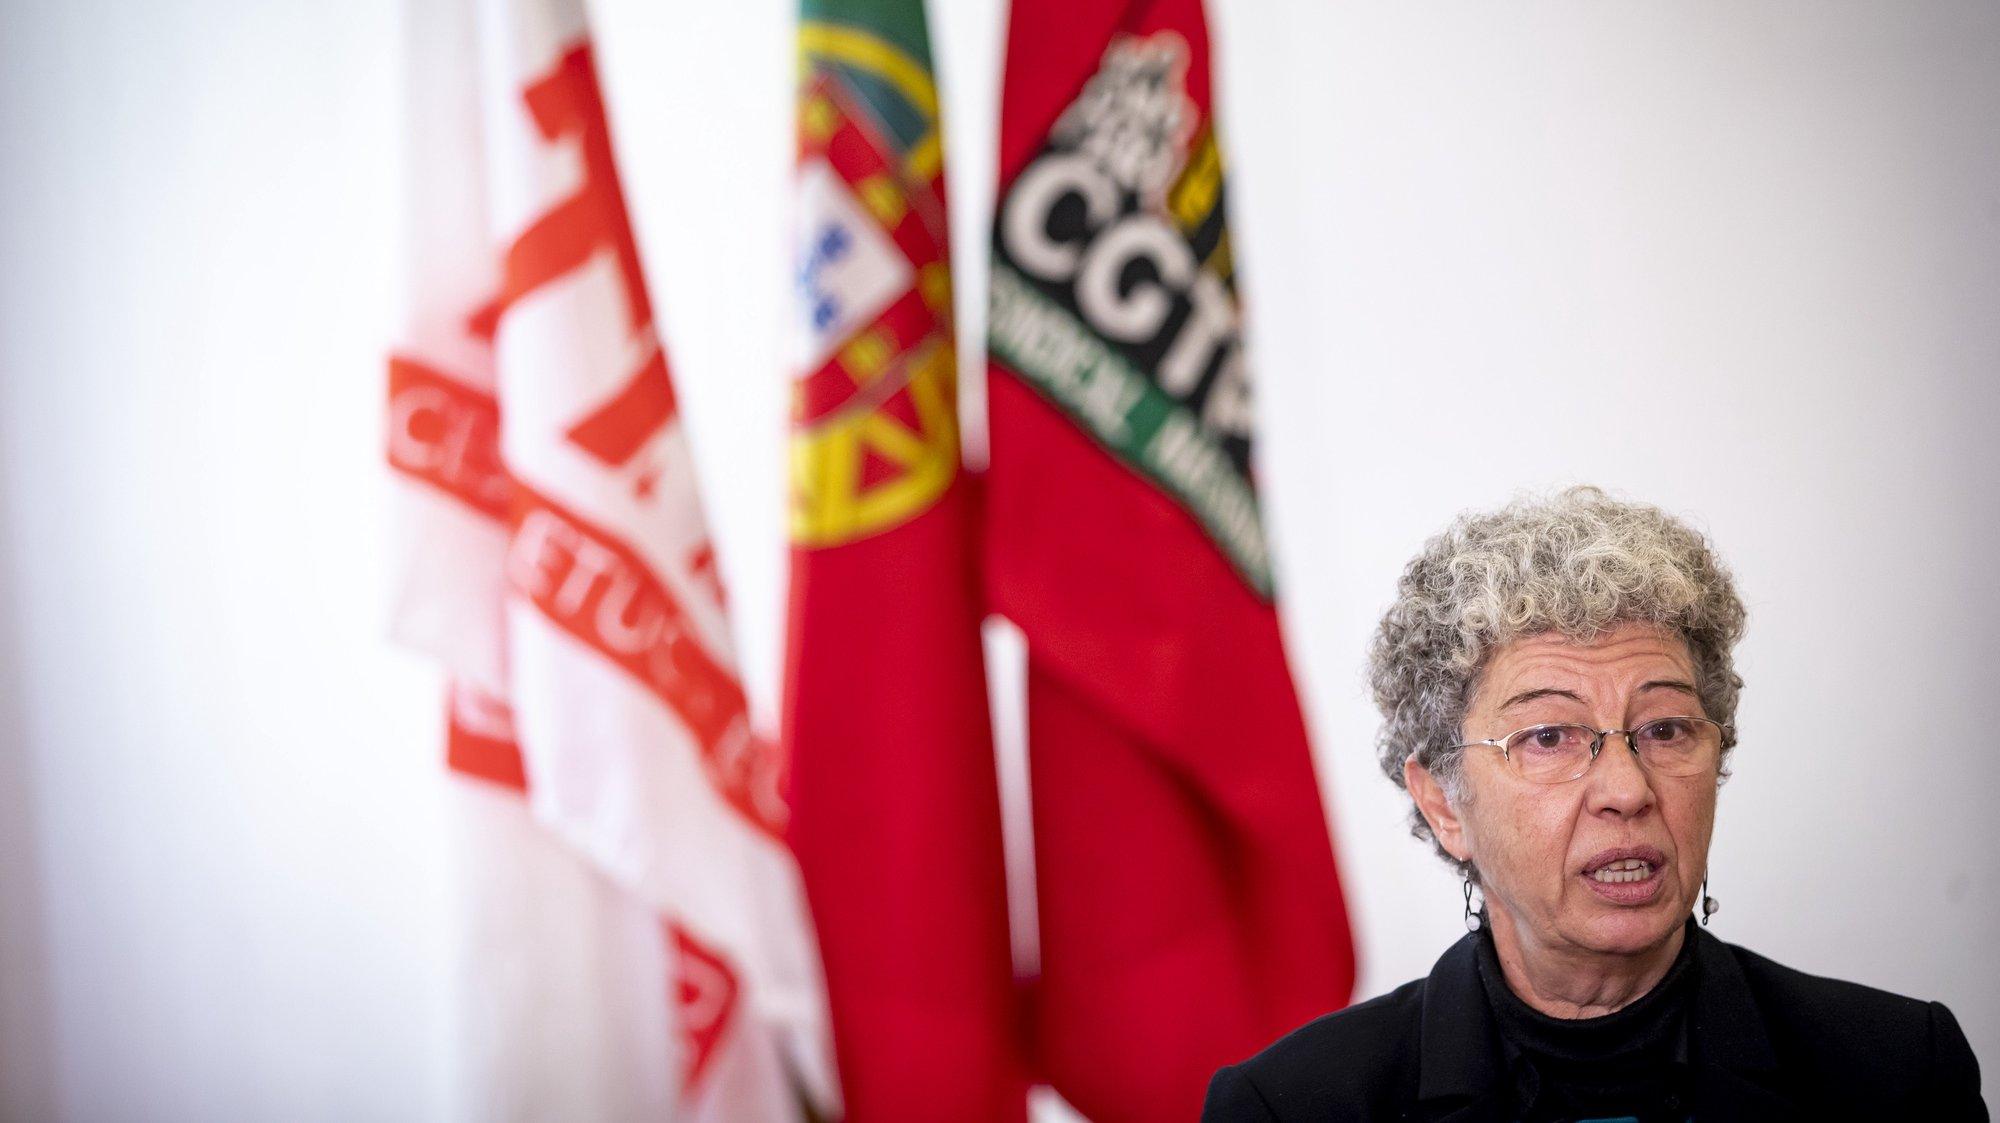 A secretária-geral da CGTP-IN, Isabel Camarinha, fala durante uma entrevista à agência Lusa por ocasião do seu primeiro ano no cargo, na sede da CGTP-IN, em Lisboa, 11 de fevereiro de  2021. JOSÉ SENA GOULÃO/LUSA